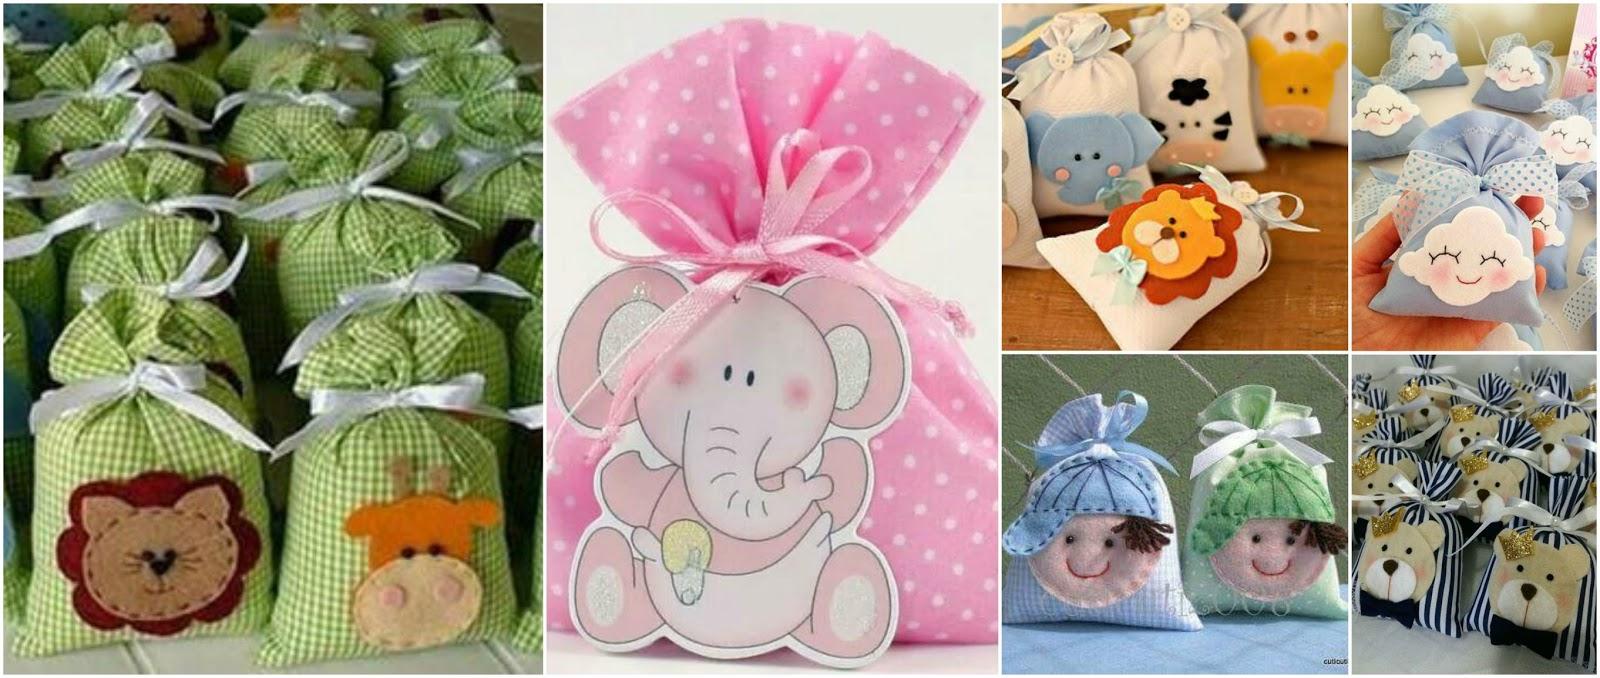 Aprende cómo hacer bolsitas o saquitos de tela para regalar en fiestas  infantiles ~ Haz Manualidades